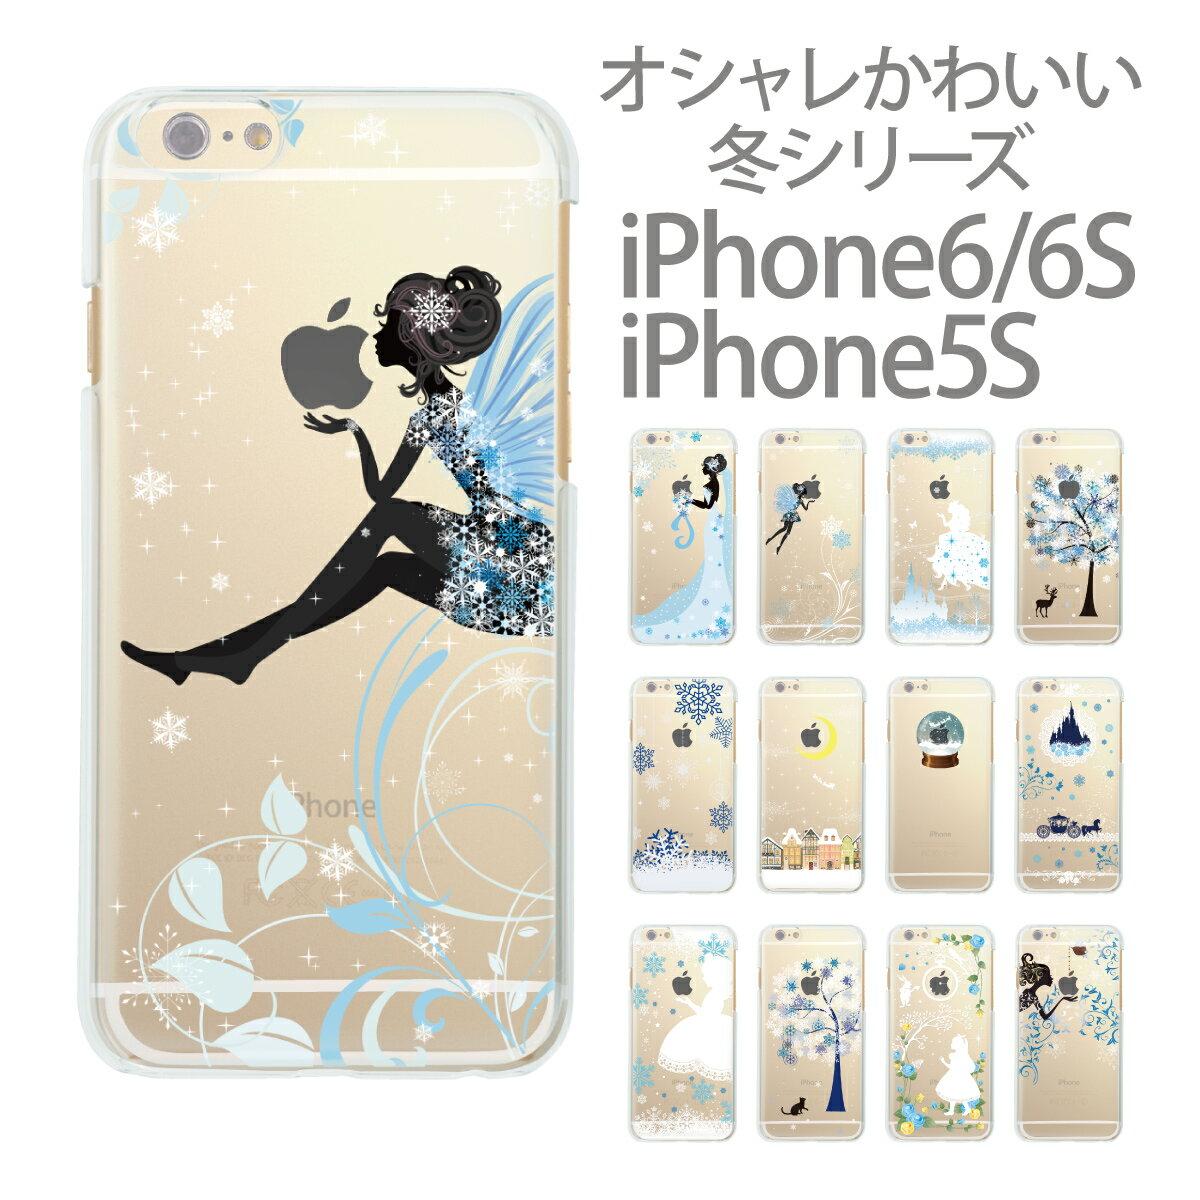 661b592471 iphoneXSケース iPhoneXS Max iPhoneXR iPhoneX iPhone8 Plus iphone8 ケース iPhone  iphone7ケース iphone7 iphone7s Plus iPhone6s iPhone6 Plus iphoneSE ケース ...